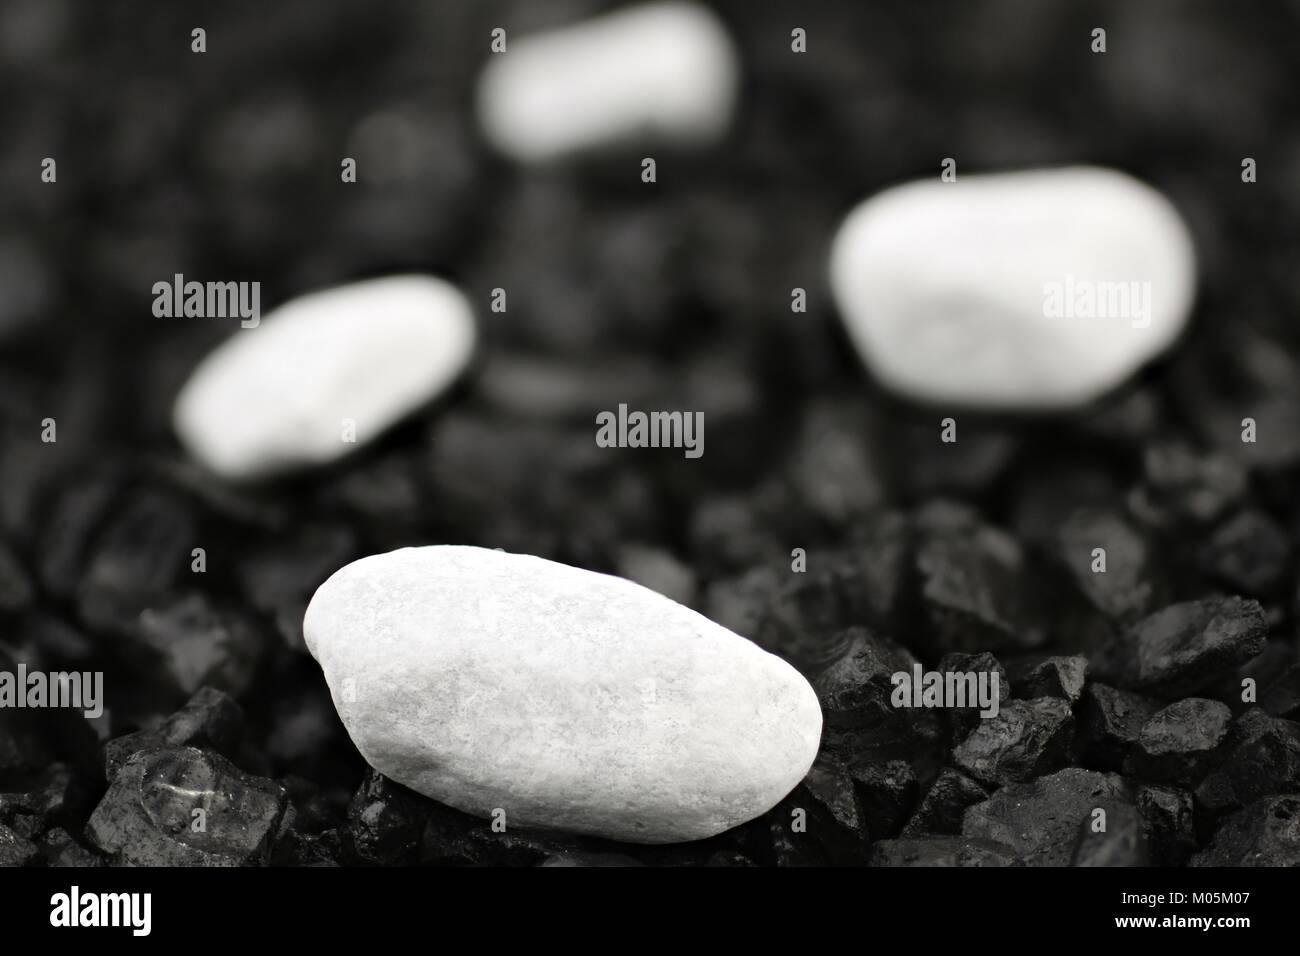 Weißen Kieselsteinen vor schwarzen Hintergrund mit schwarzem Kies Stockbild